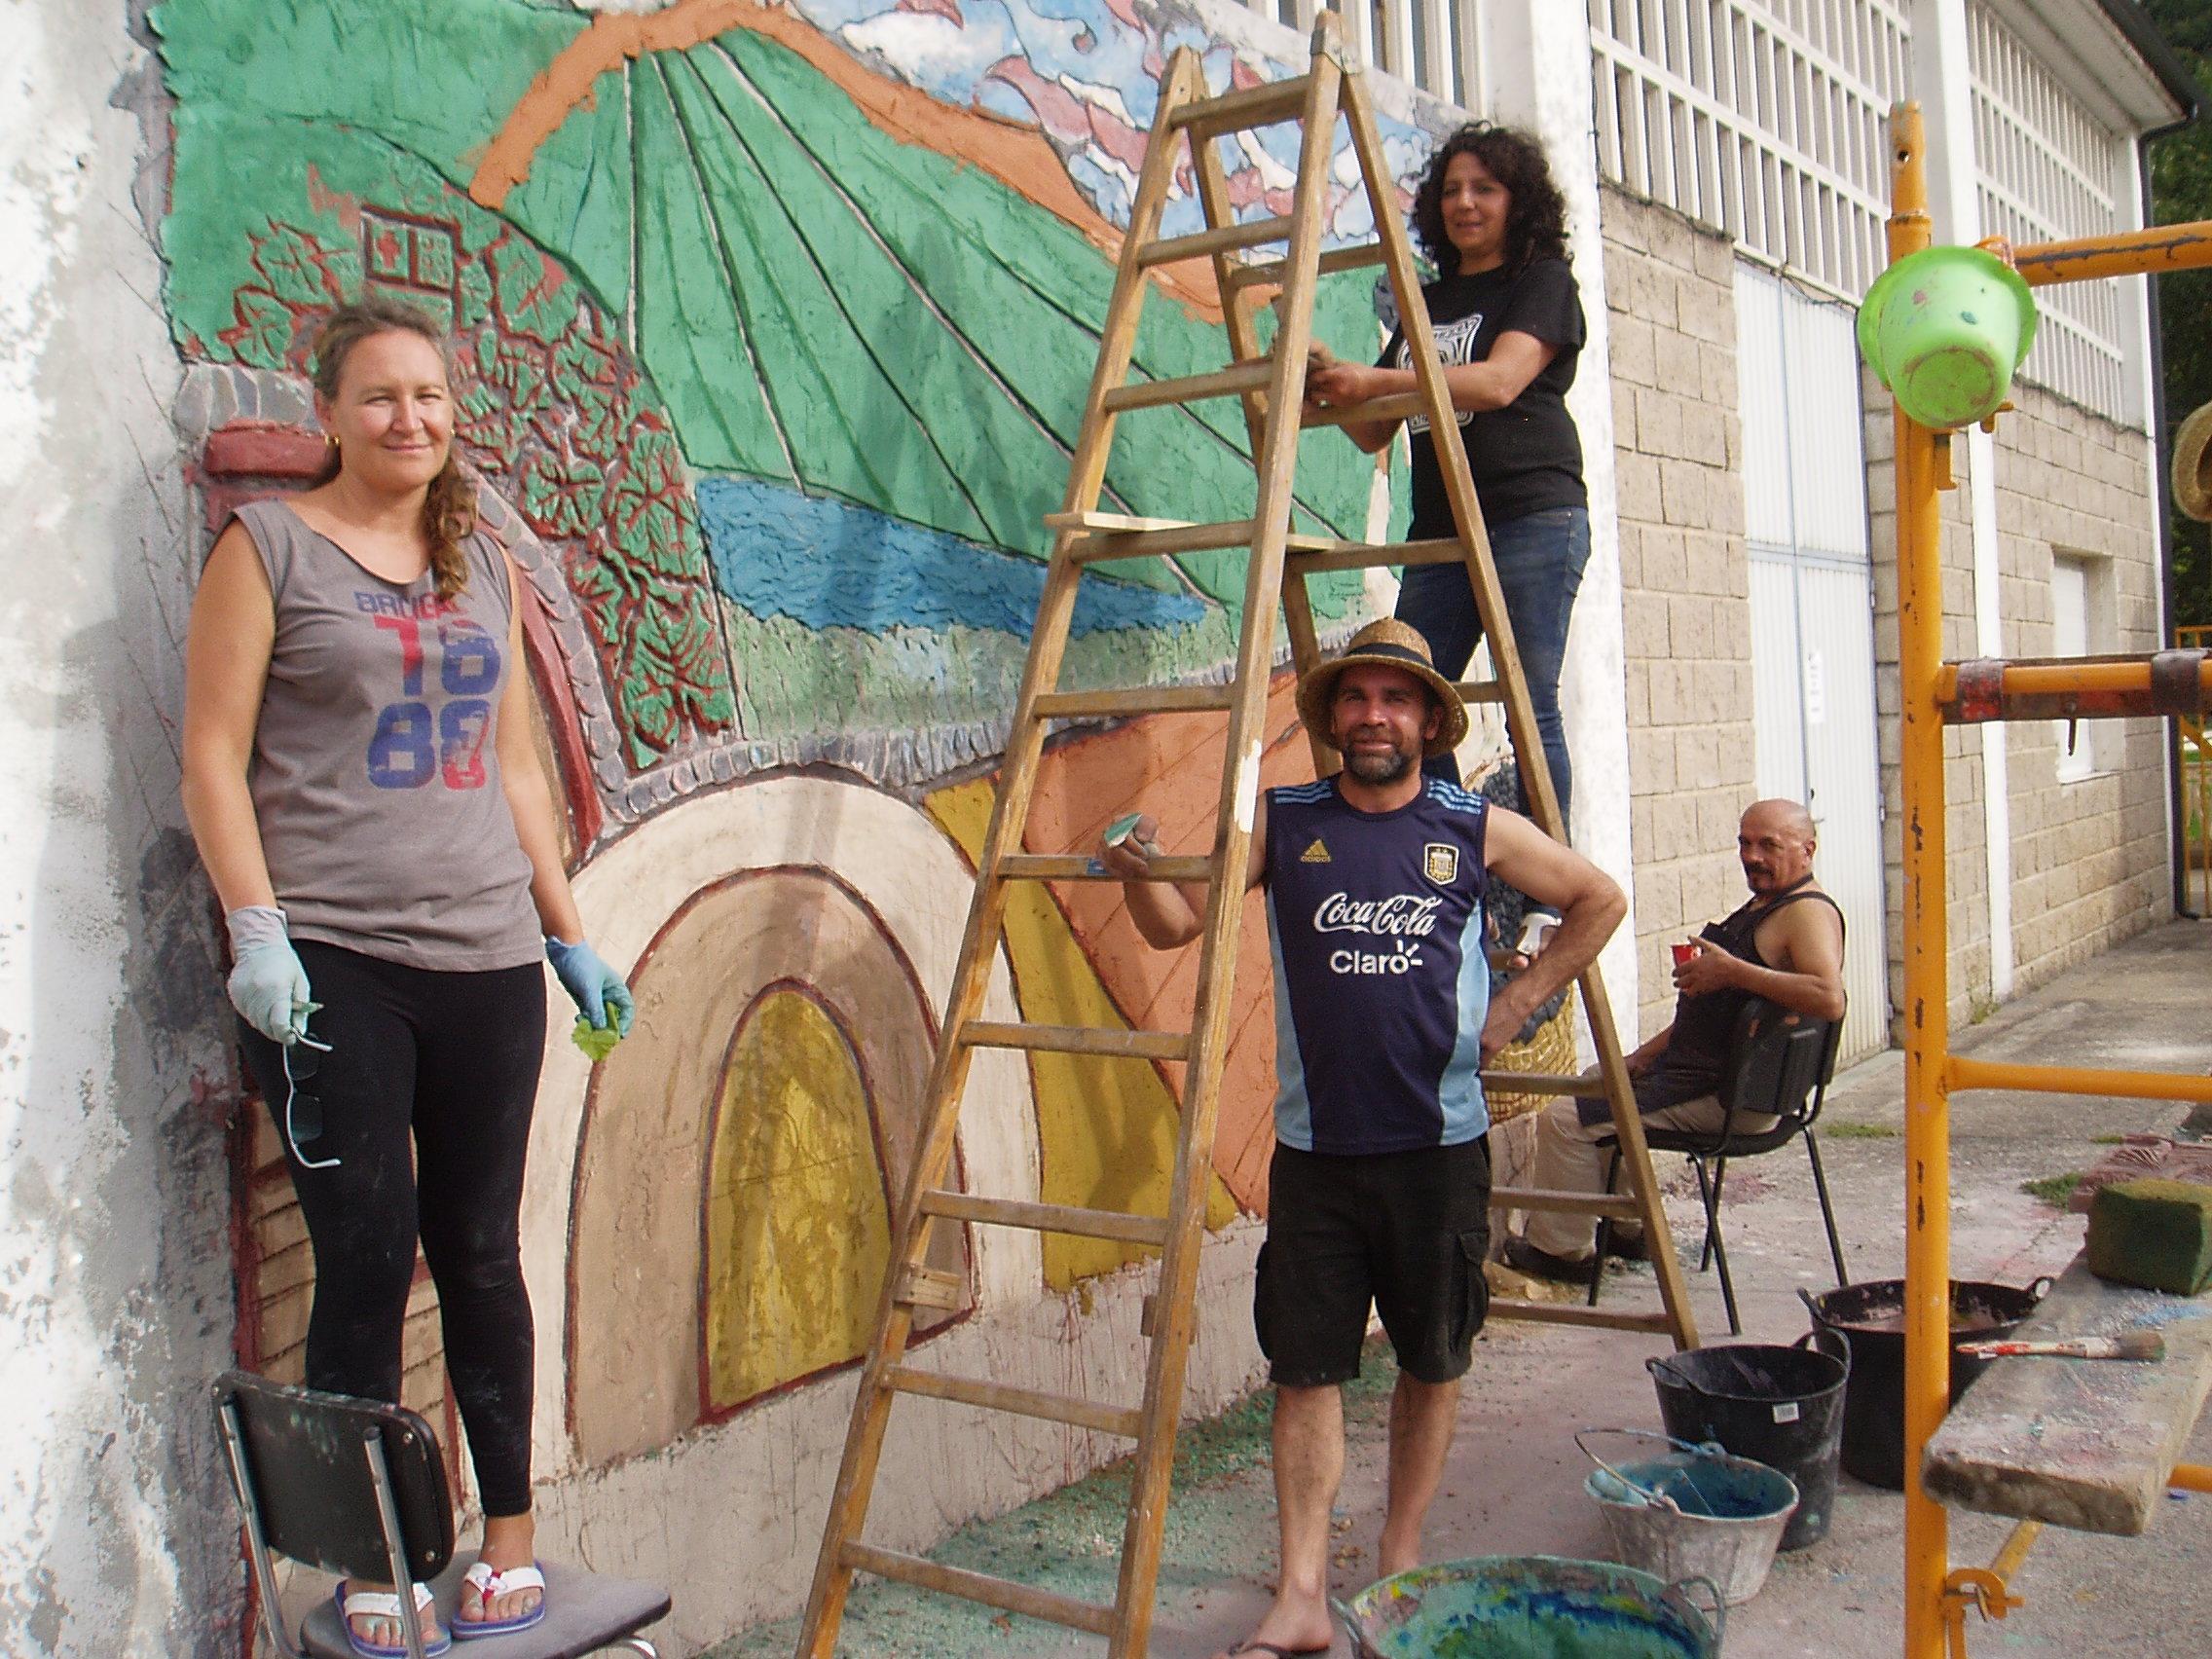 Un escultor de argentina retrata en un mural fragmentos de for El mural pelicula argentina